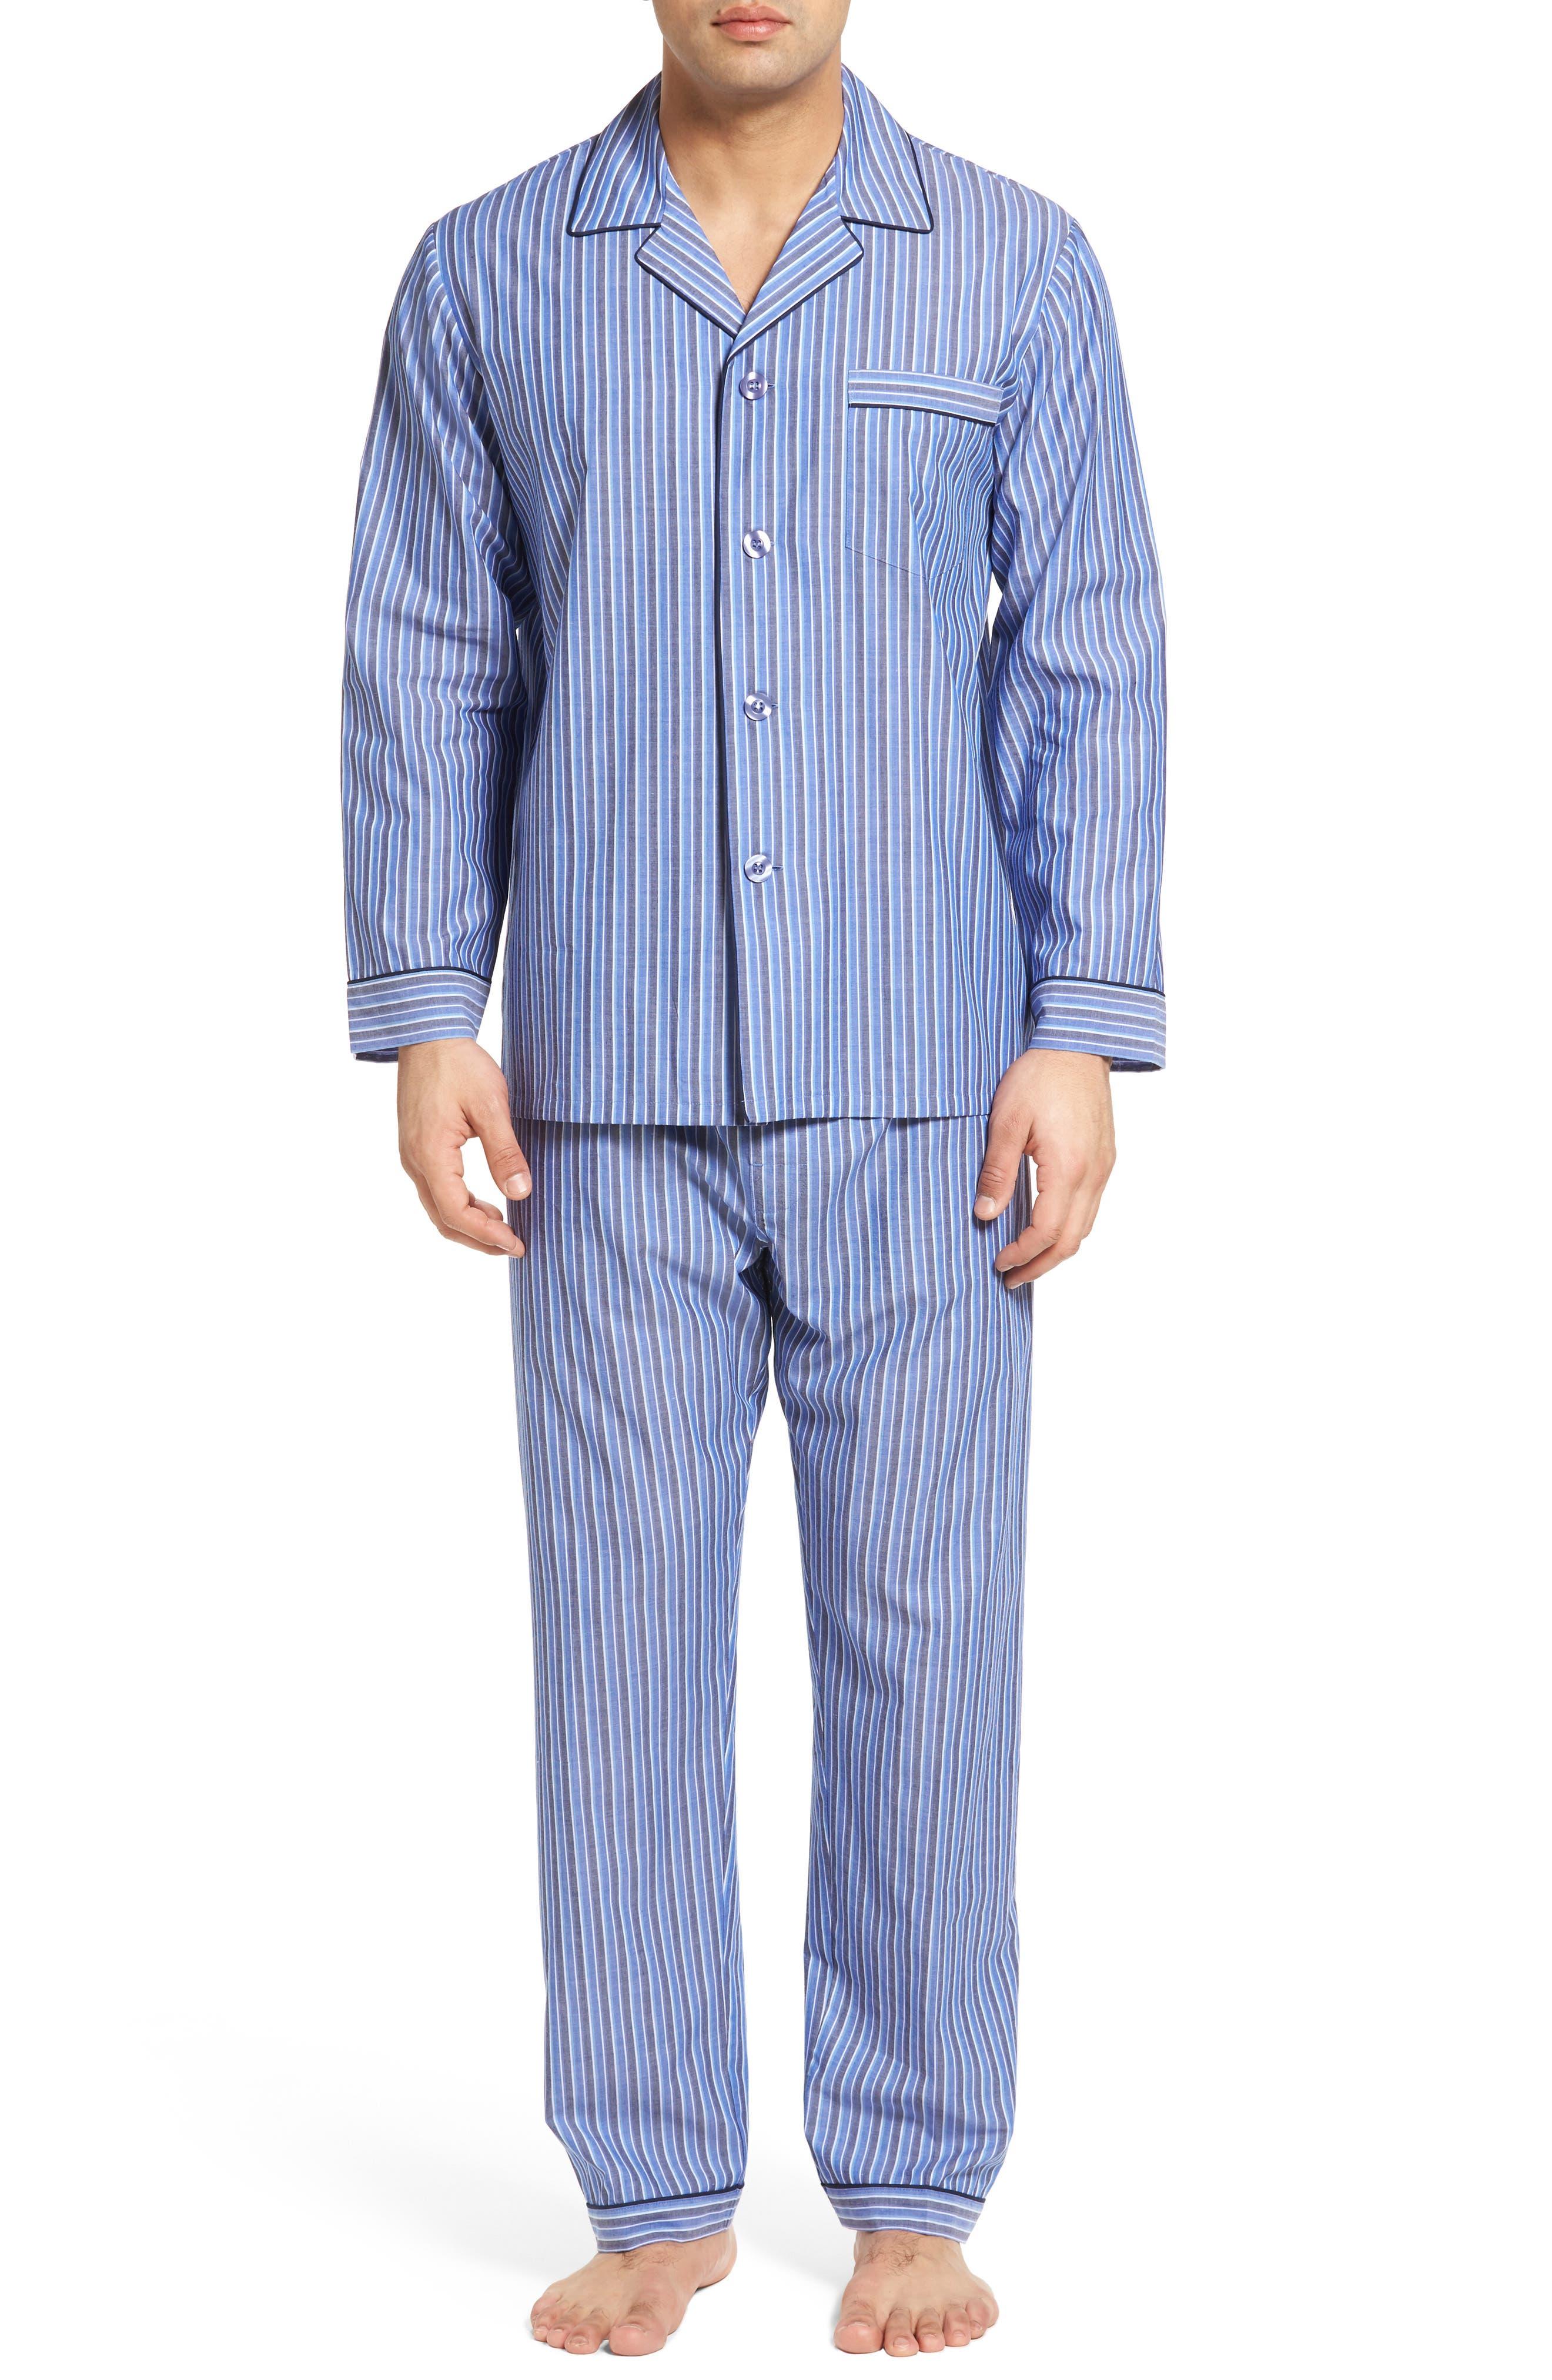 Cole Cotton Blend Pajama Set,                         Main,                         color, Royal Stripe